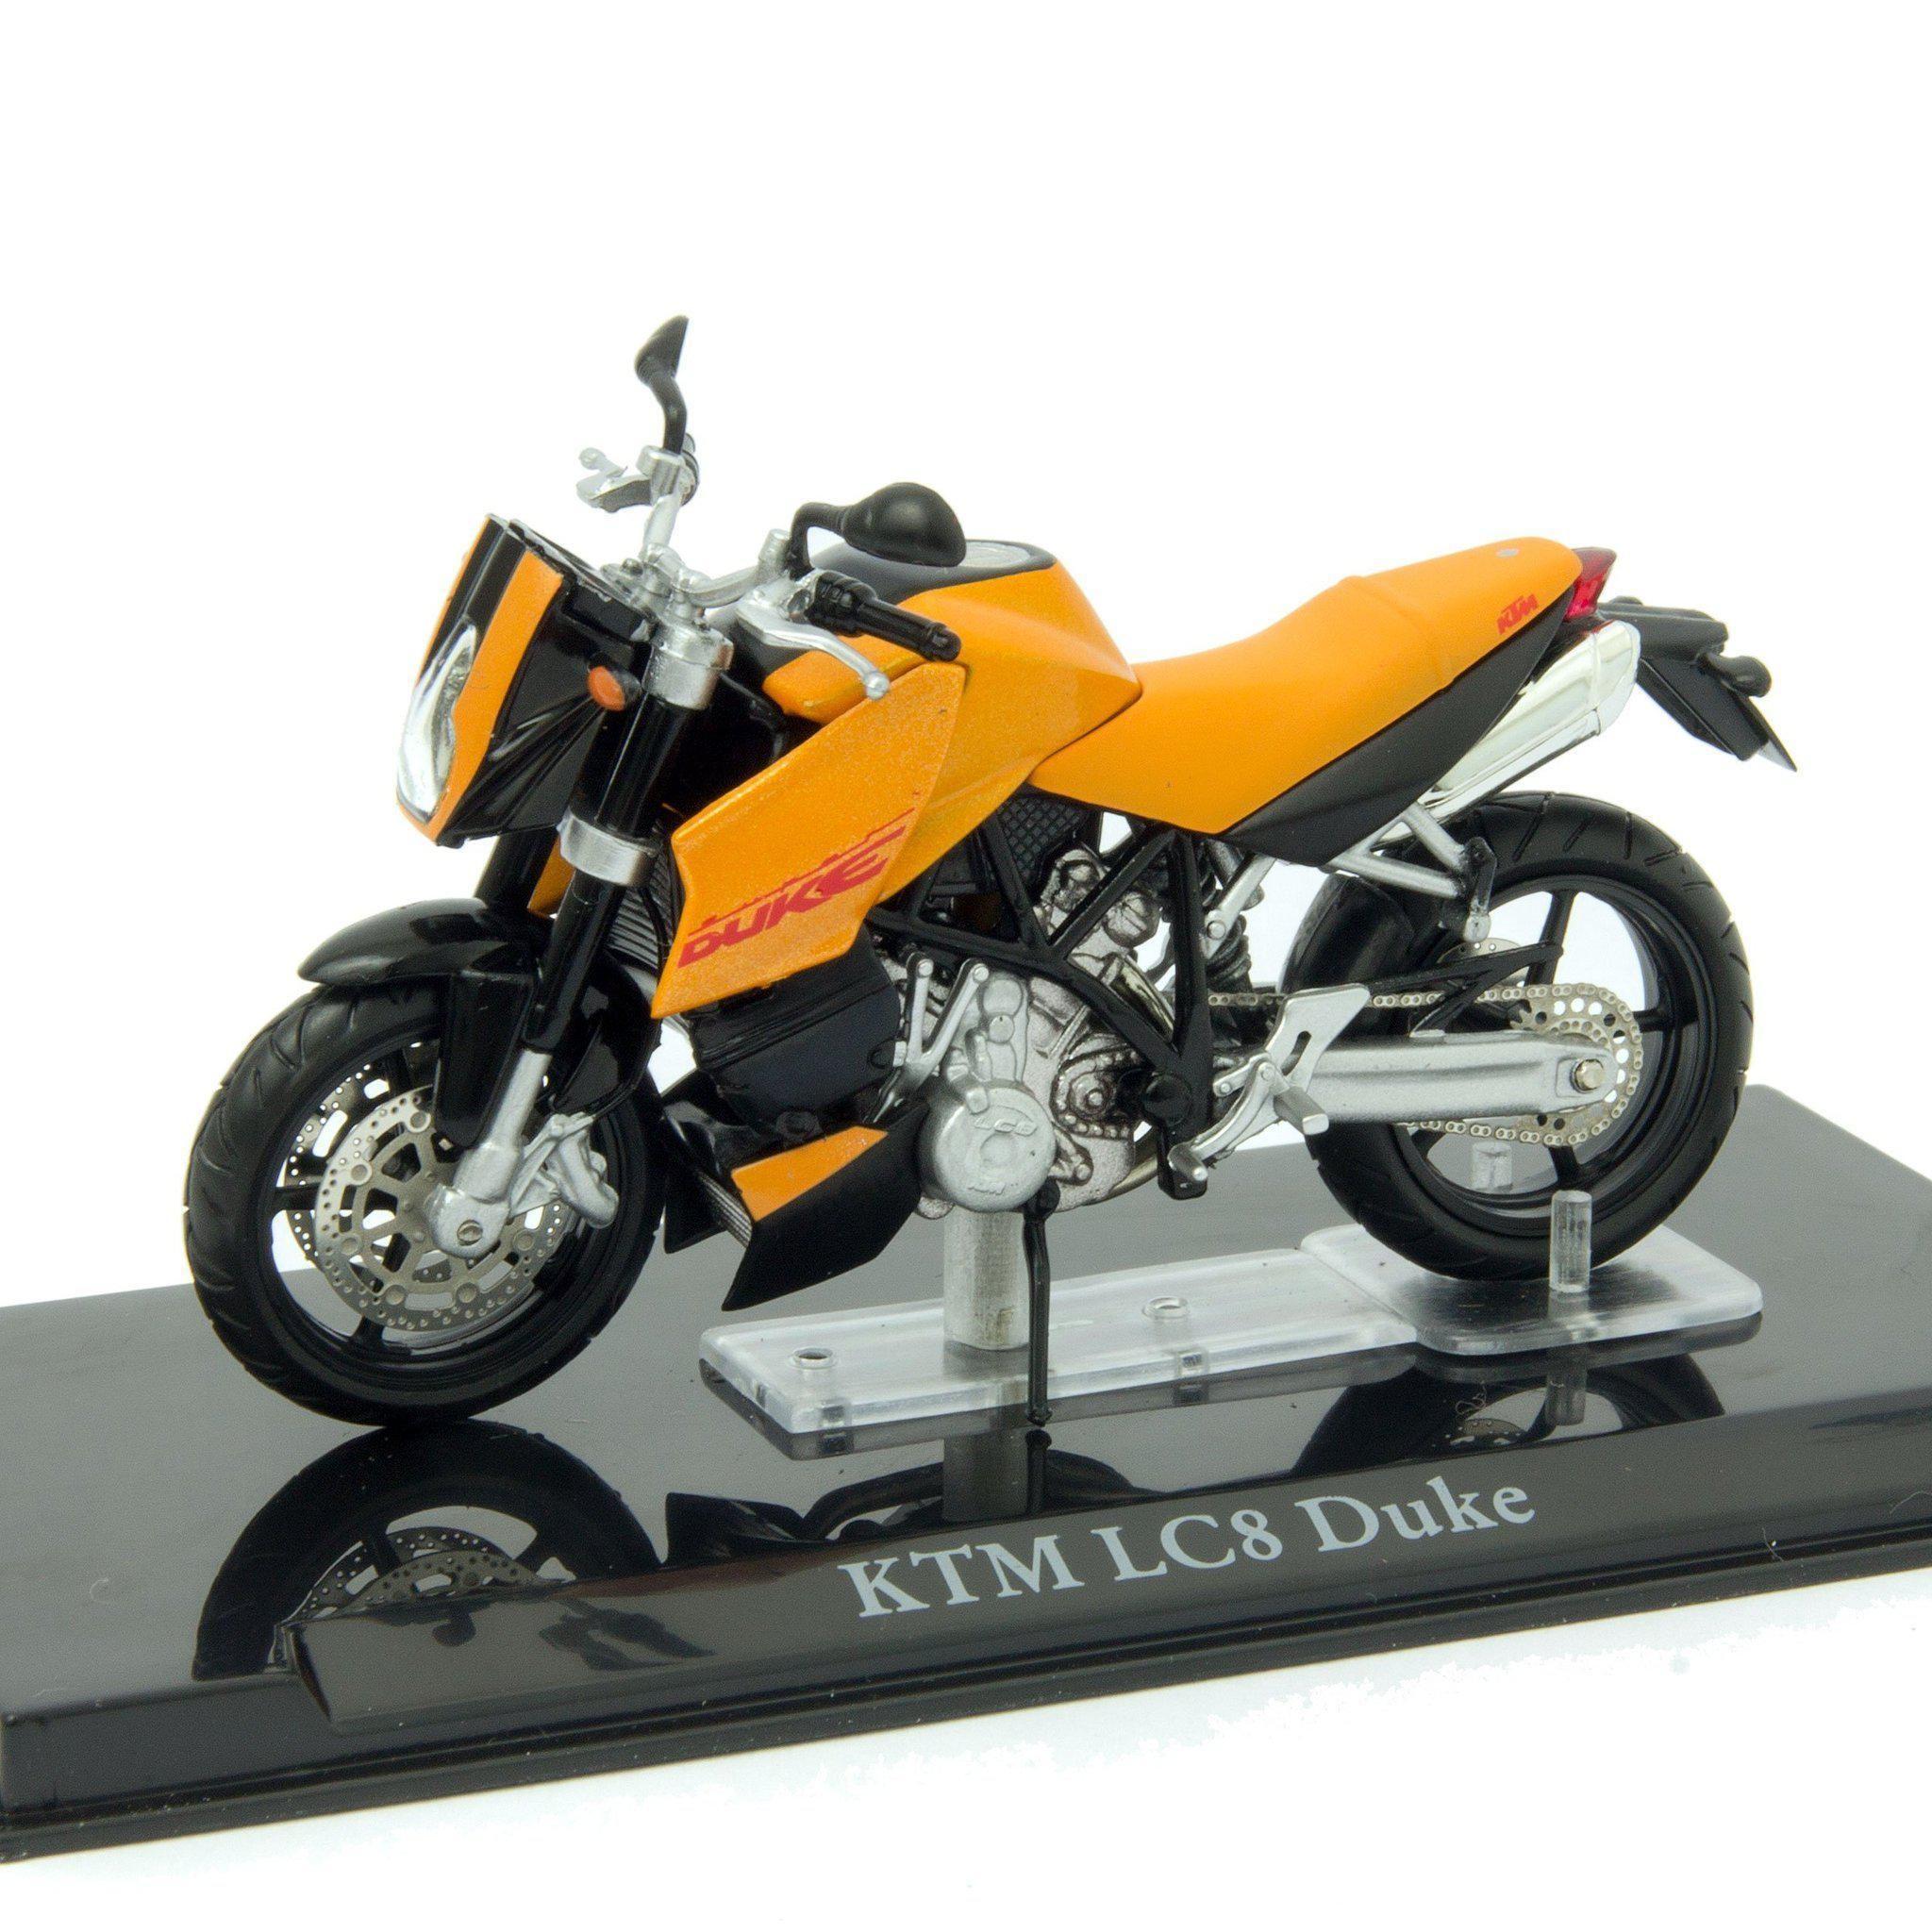 Ktm Lc8 Duke Scale Model Motorbike 1 24 Atlas Editions Motorbike Model Scale Diecast Diecastmodelcentre Scalemodels Motorcycle Model Ktm Scale Models